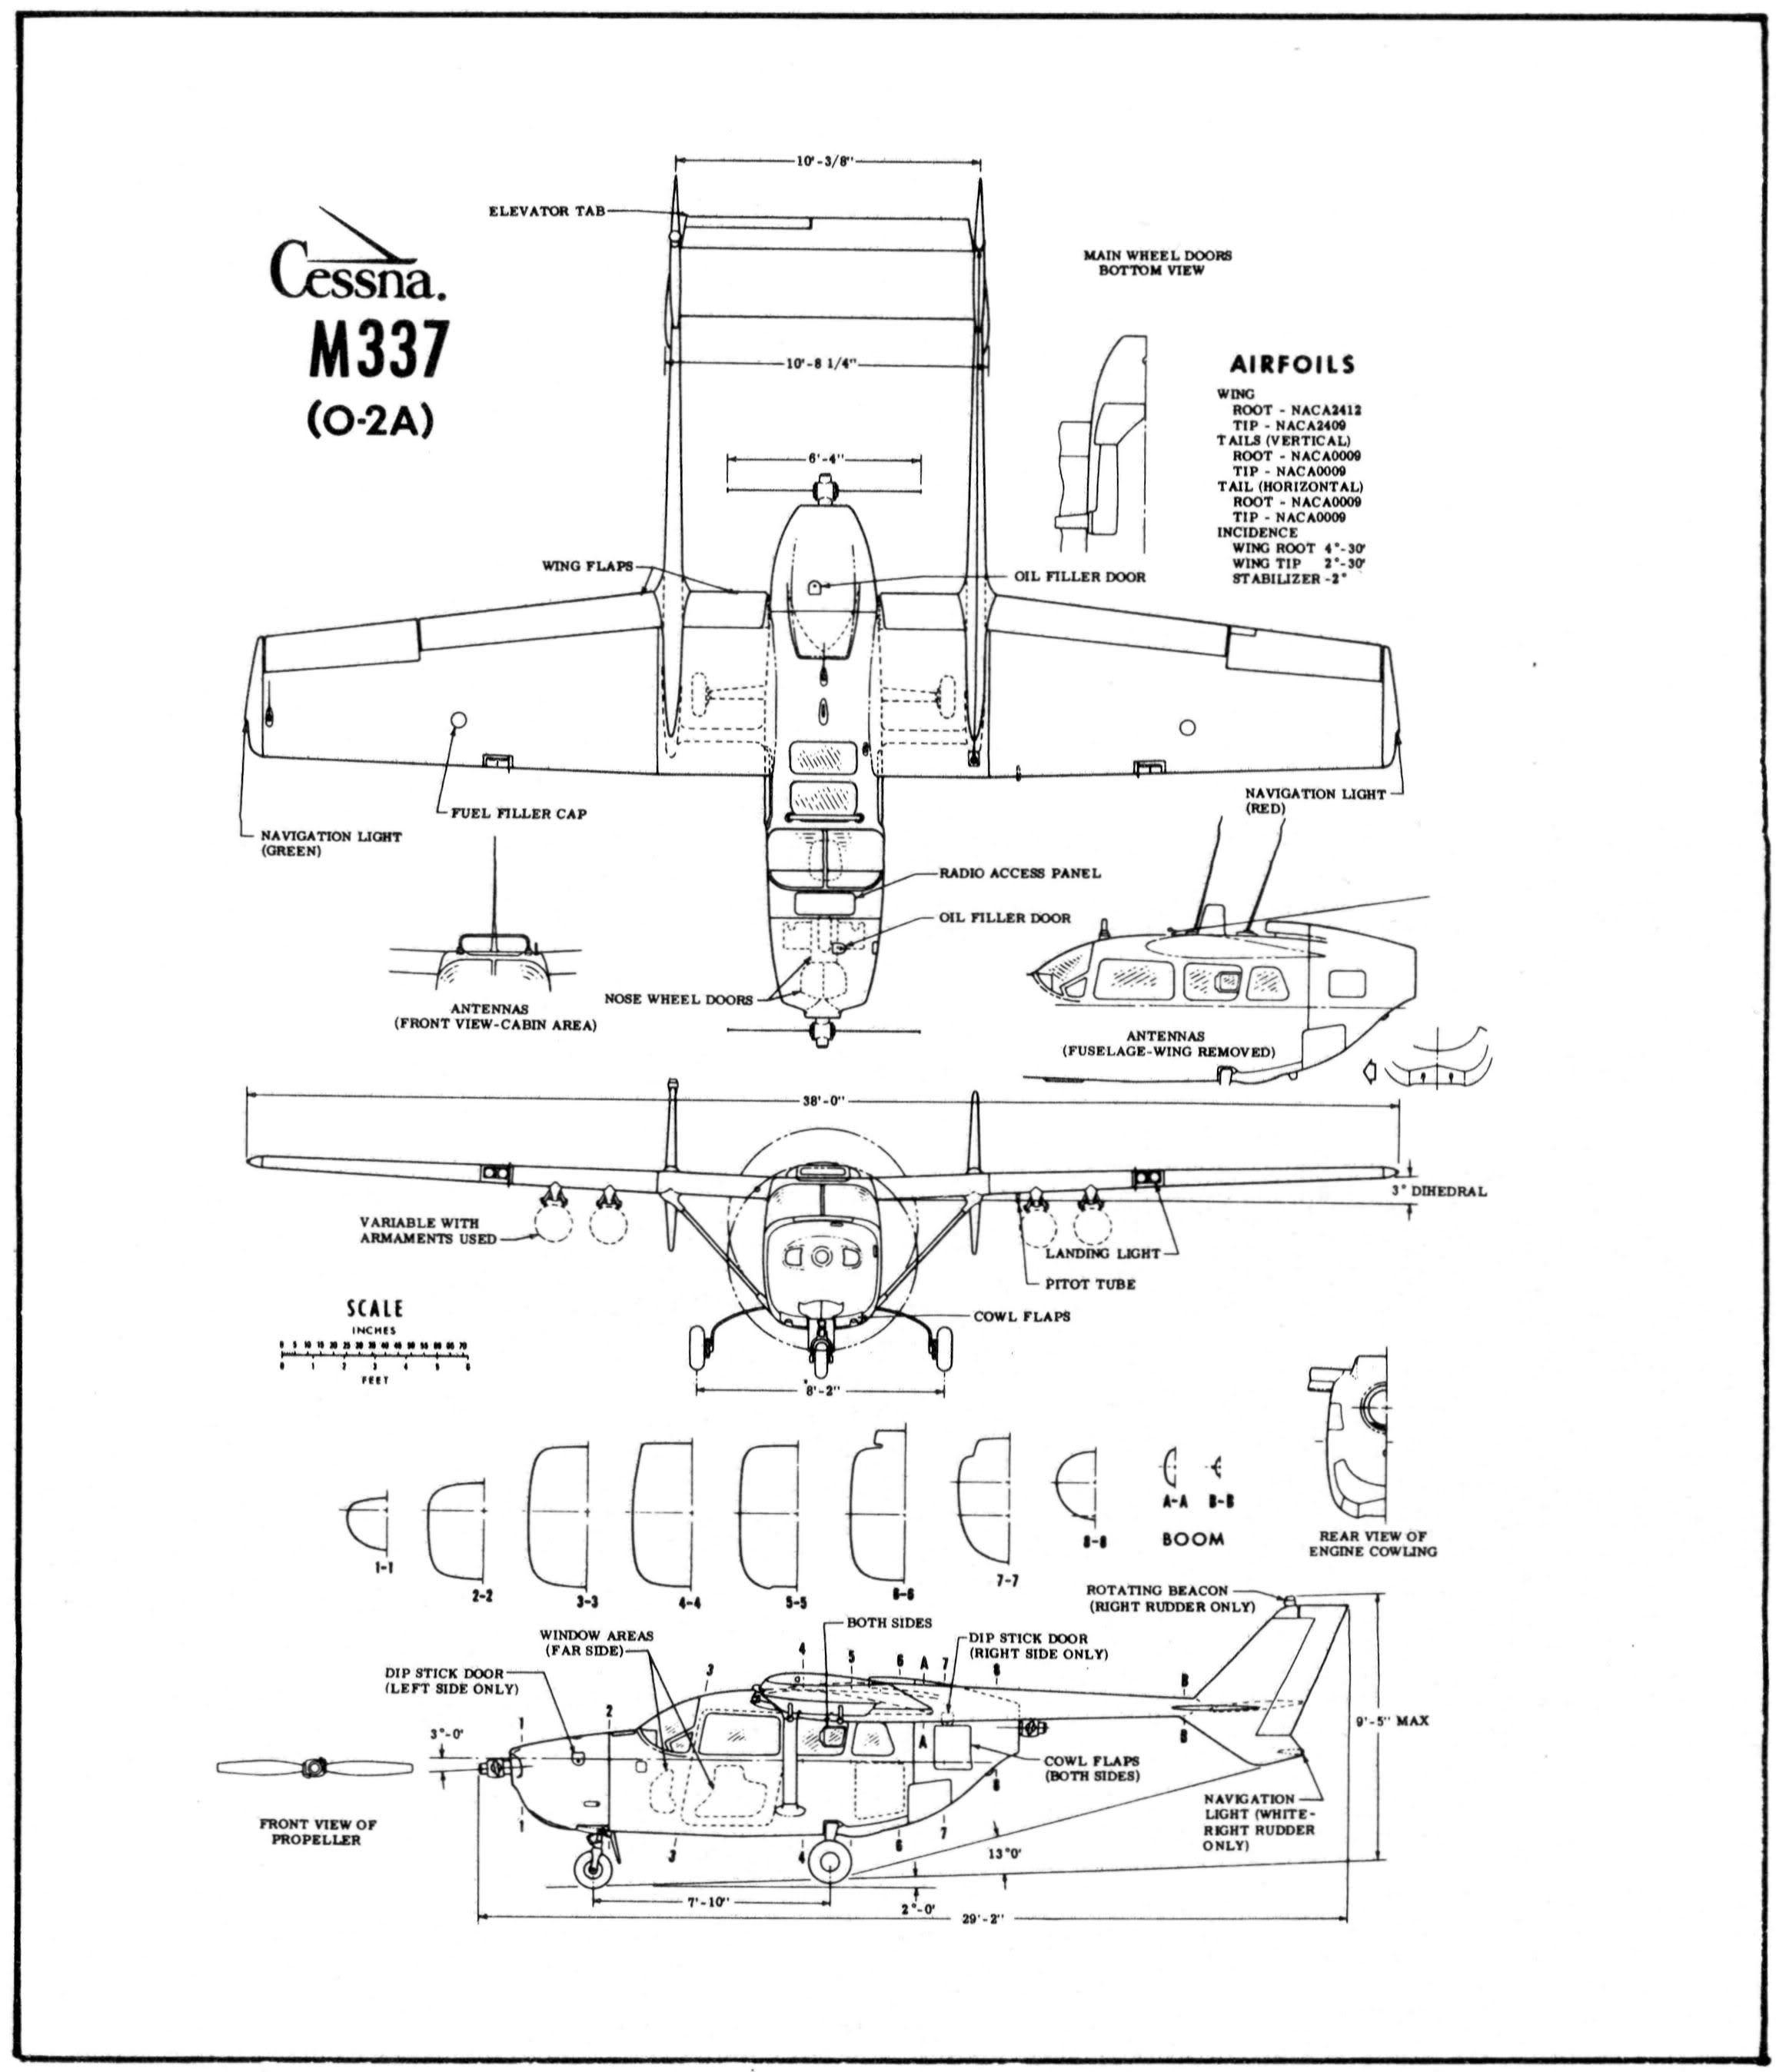 Cessna 150 parts manual